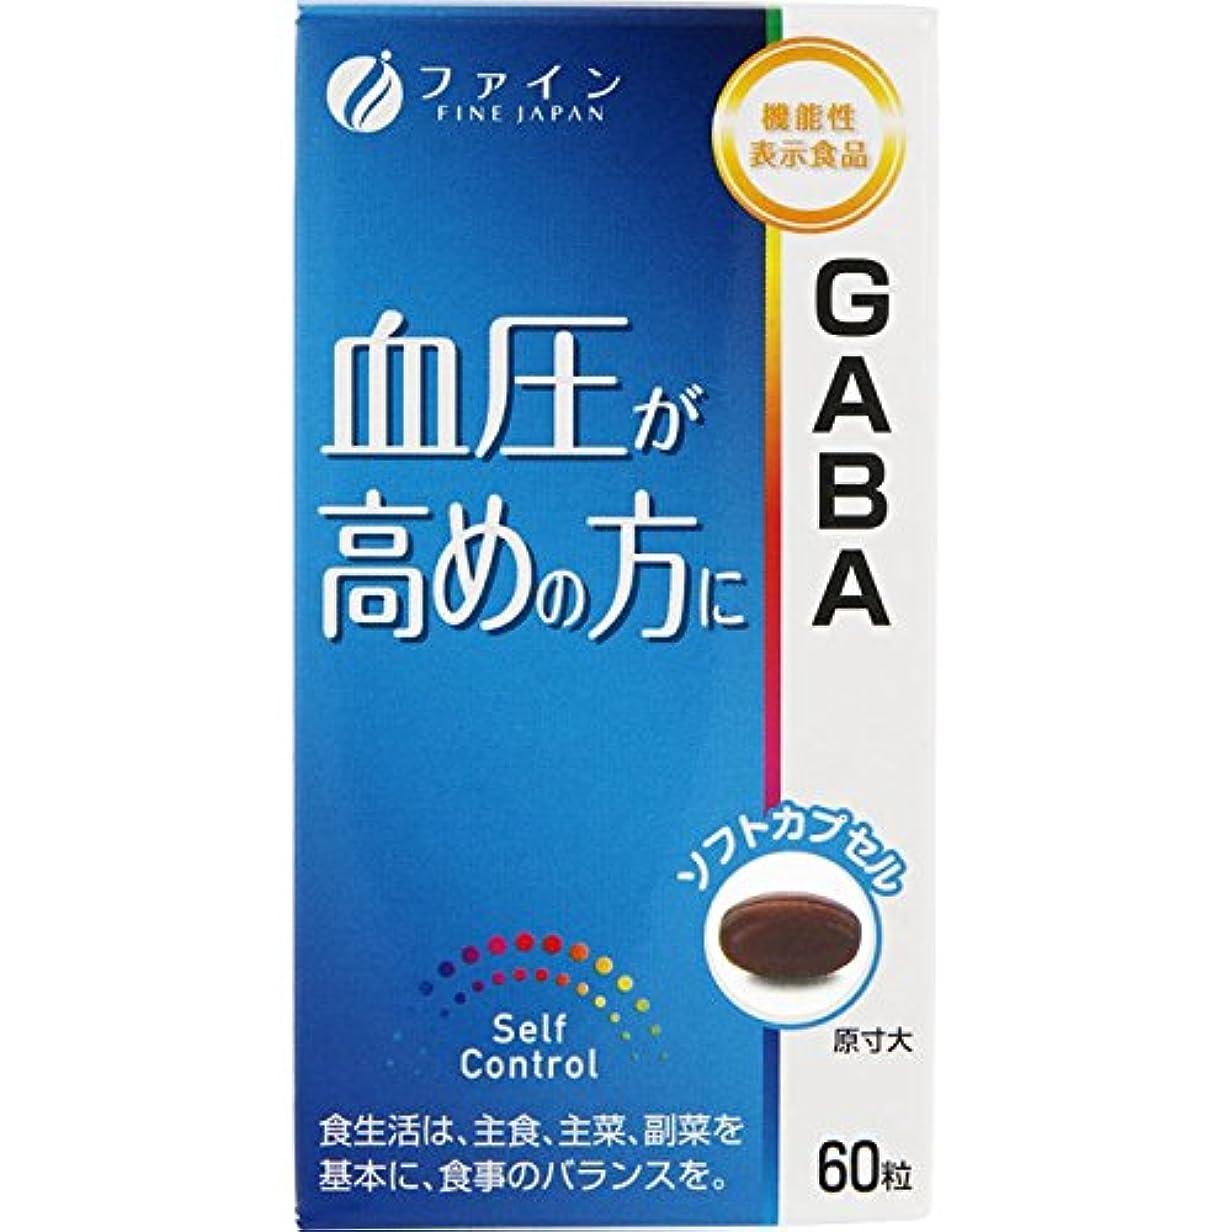 ボーカルメールを書くボイコットファイン GABA 27g(450mg×60粒) [機能性表示食品]